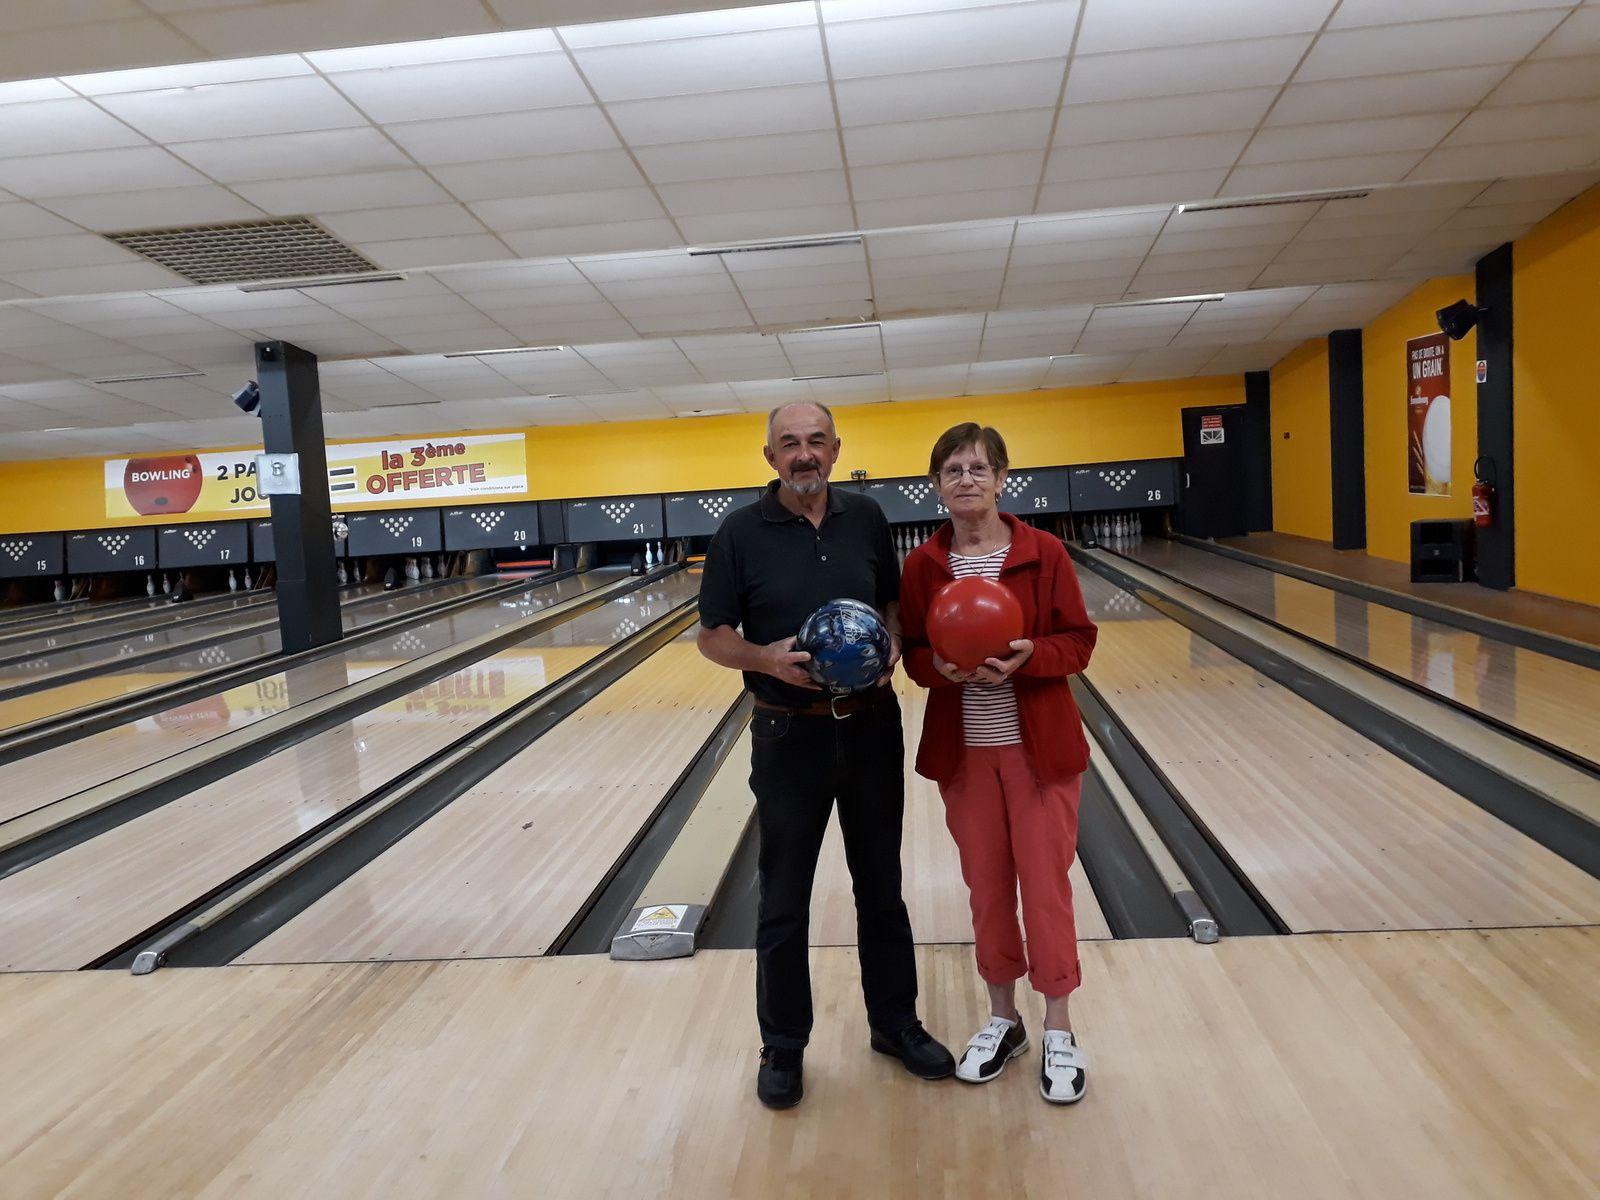 Résultat bowling du 11 05 2018